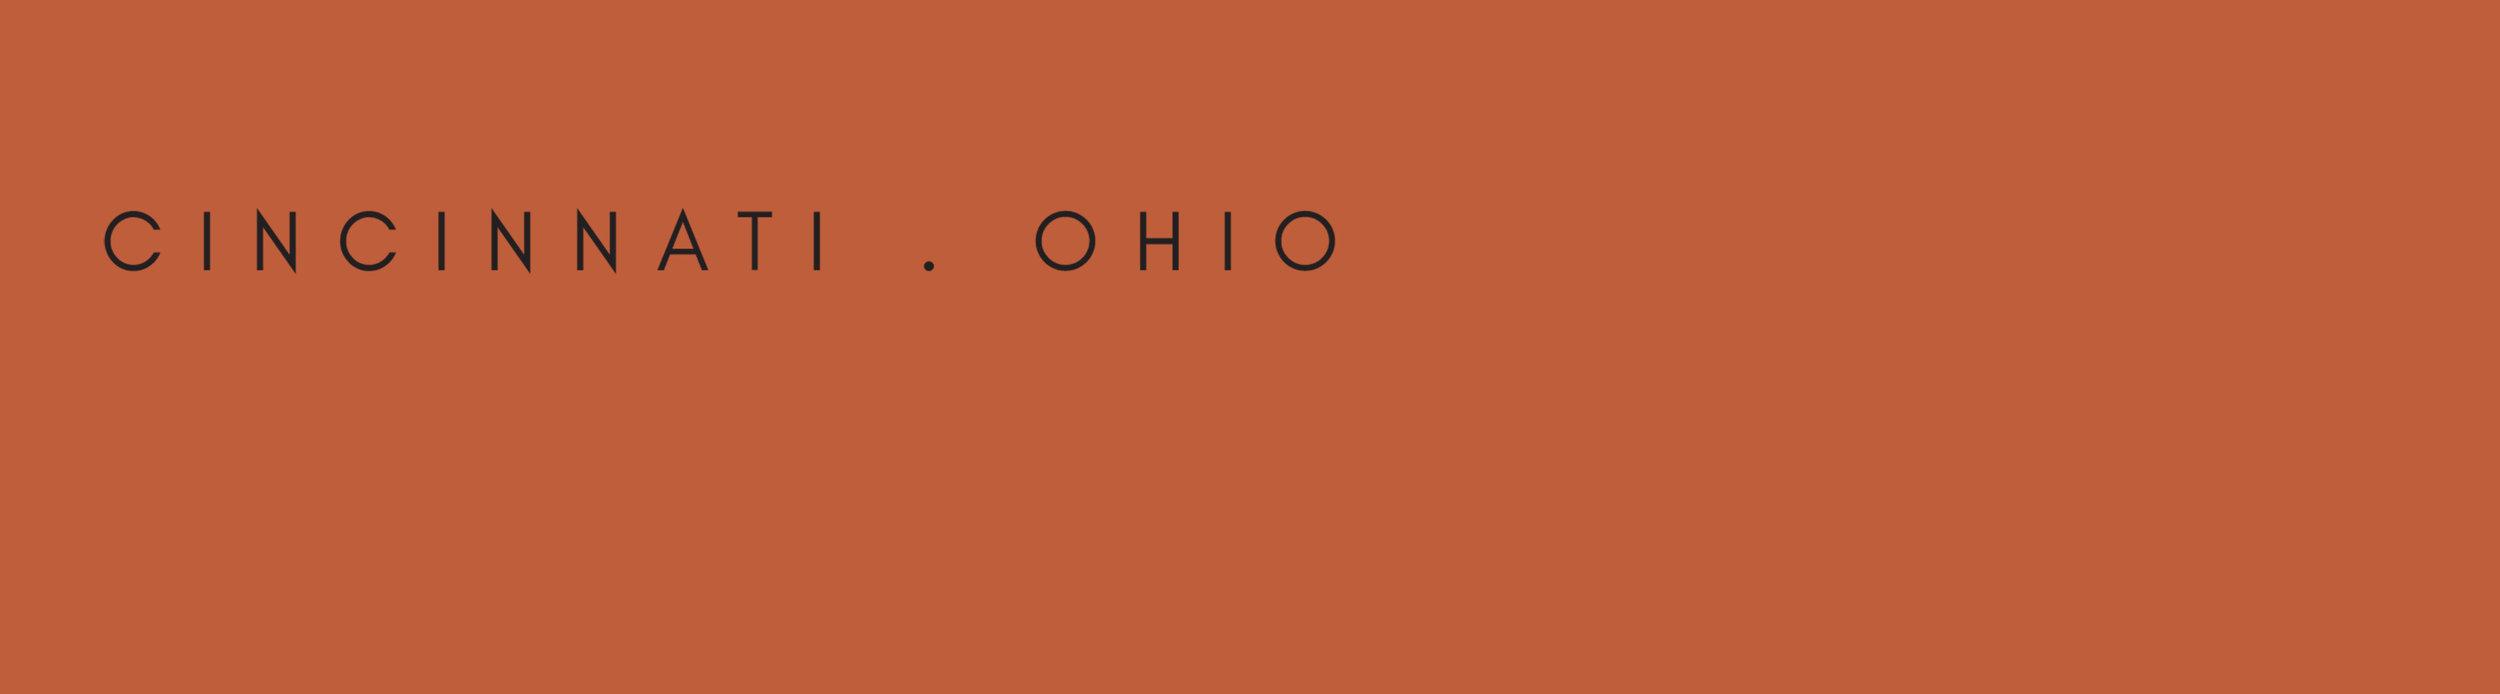 OHIO CONNECTION - CINCINNATI. COLUMBUS. CLEVELAND